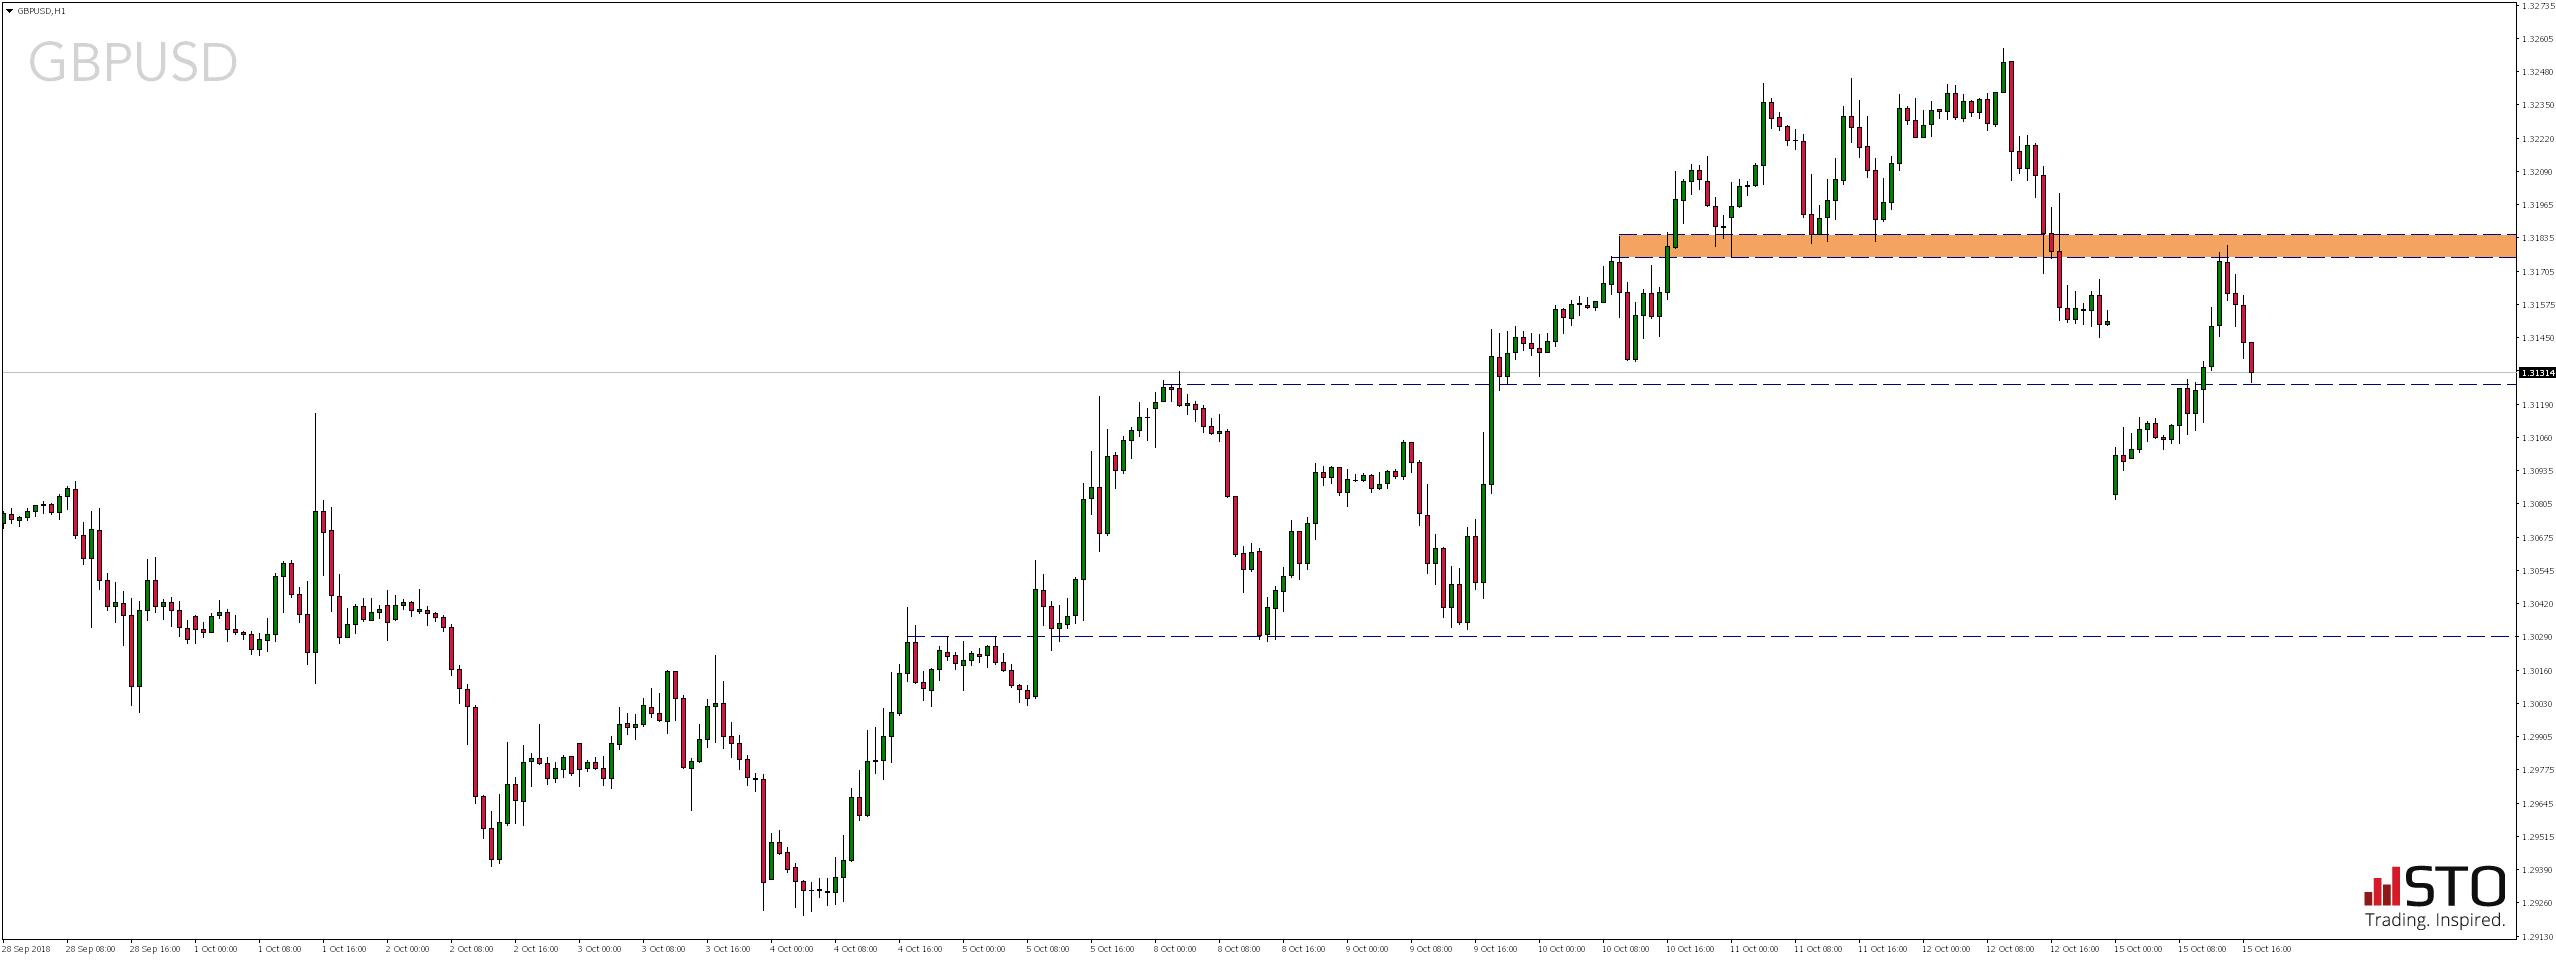 Poniedziałkowy przegląd rynków - GBPUSD